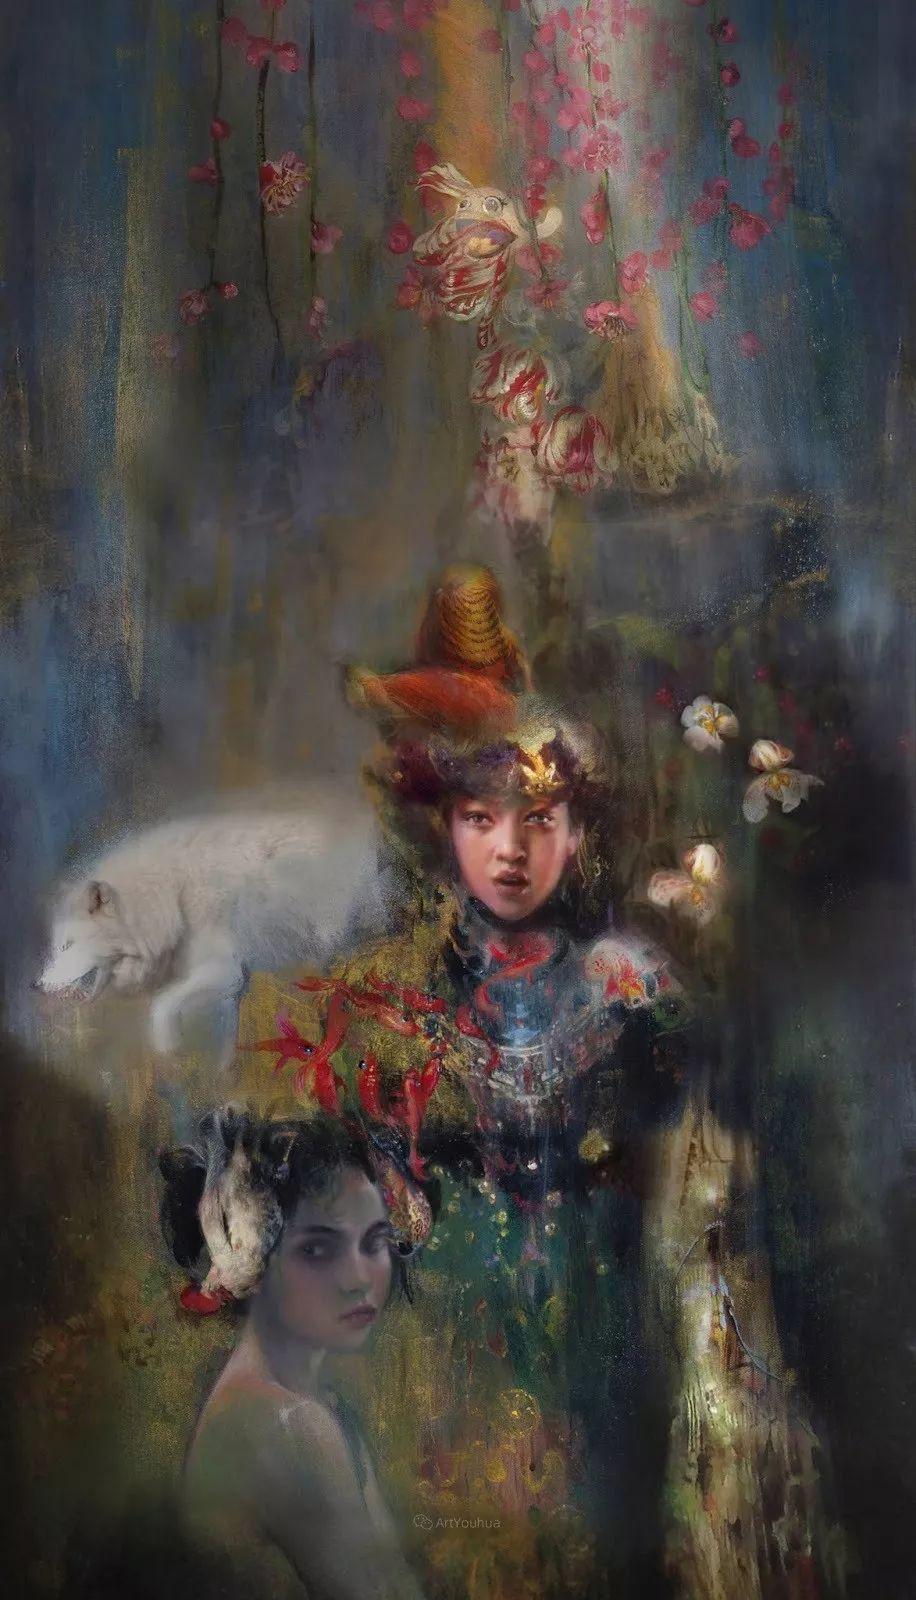 传统绘画与后现代元素的结合,英国画家伊娃·特洛伊插图2